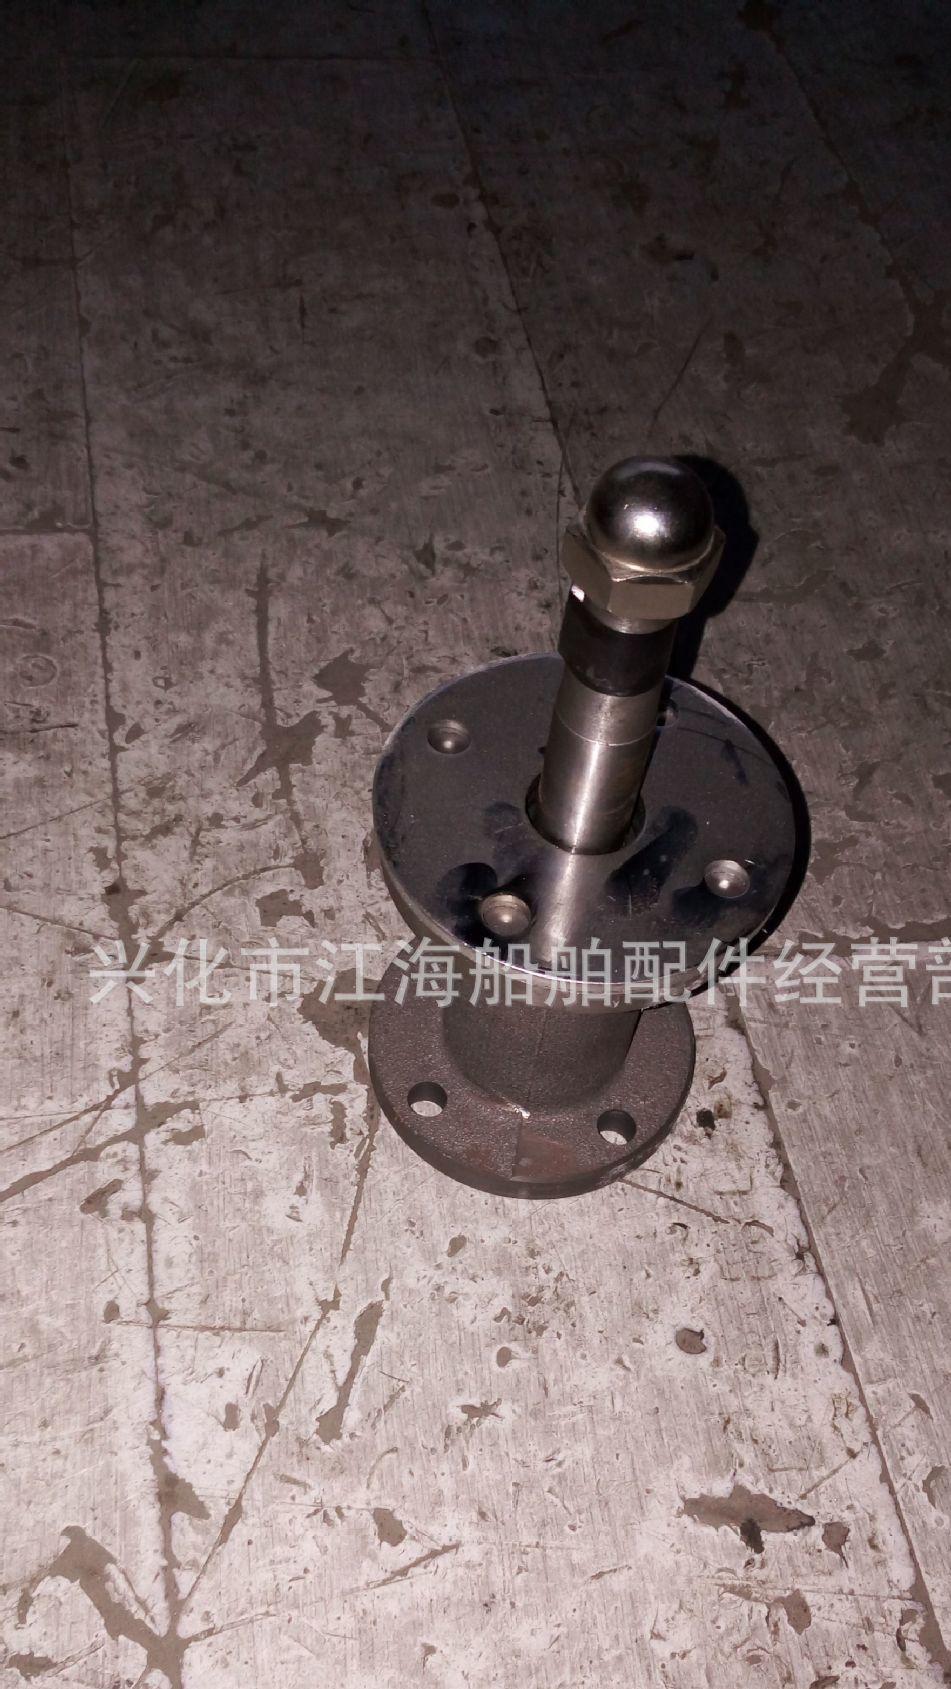 厂家生产直销船用液压舵机专用方向盘连接轴